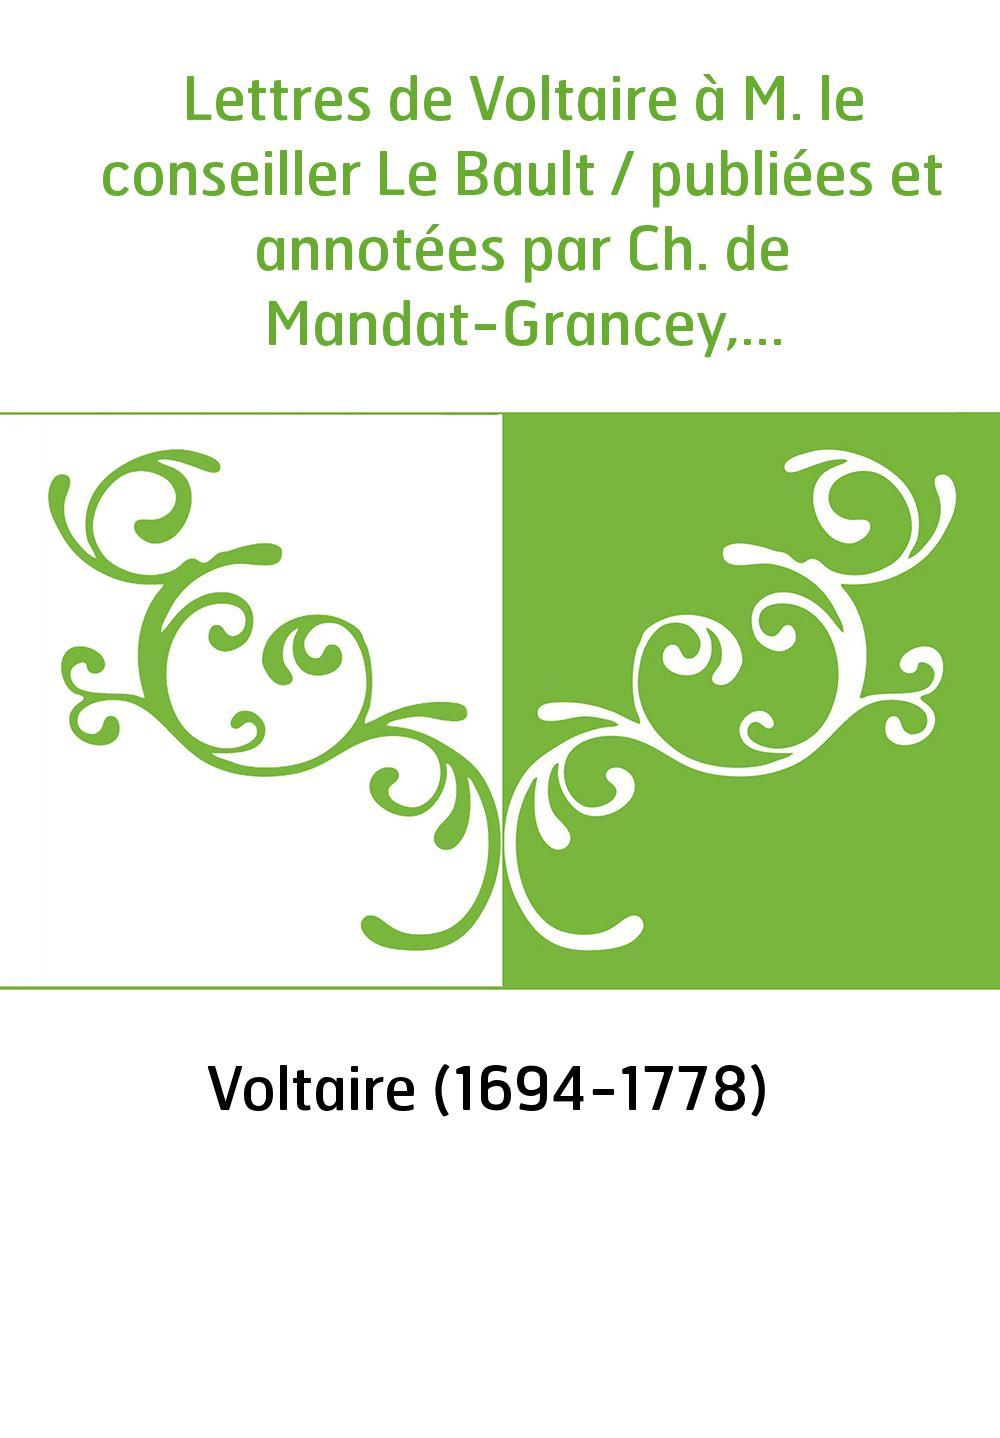 Lettres de Voltaire à M. le conseiller Le Bault / publiées et annotées par Ch. de Mandat-Grancey,...